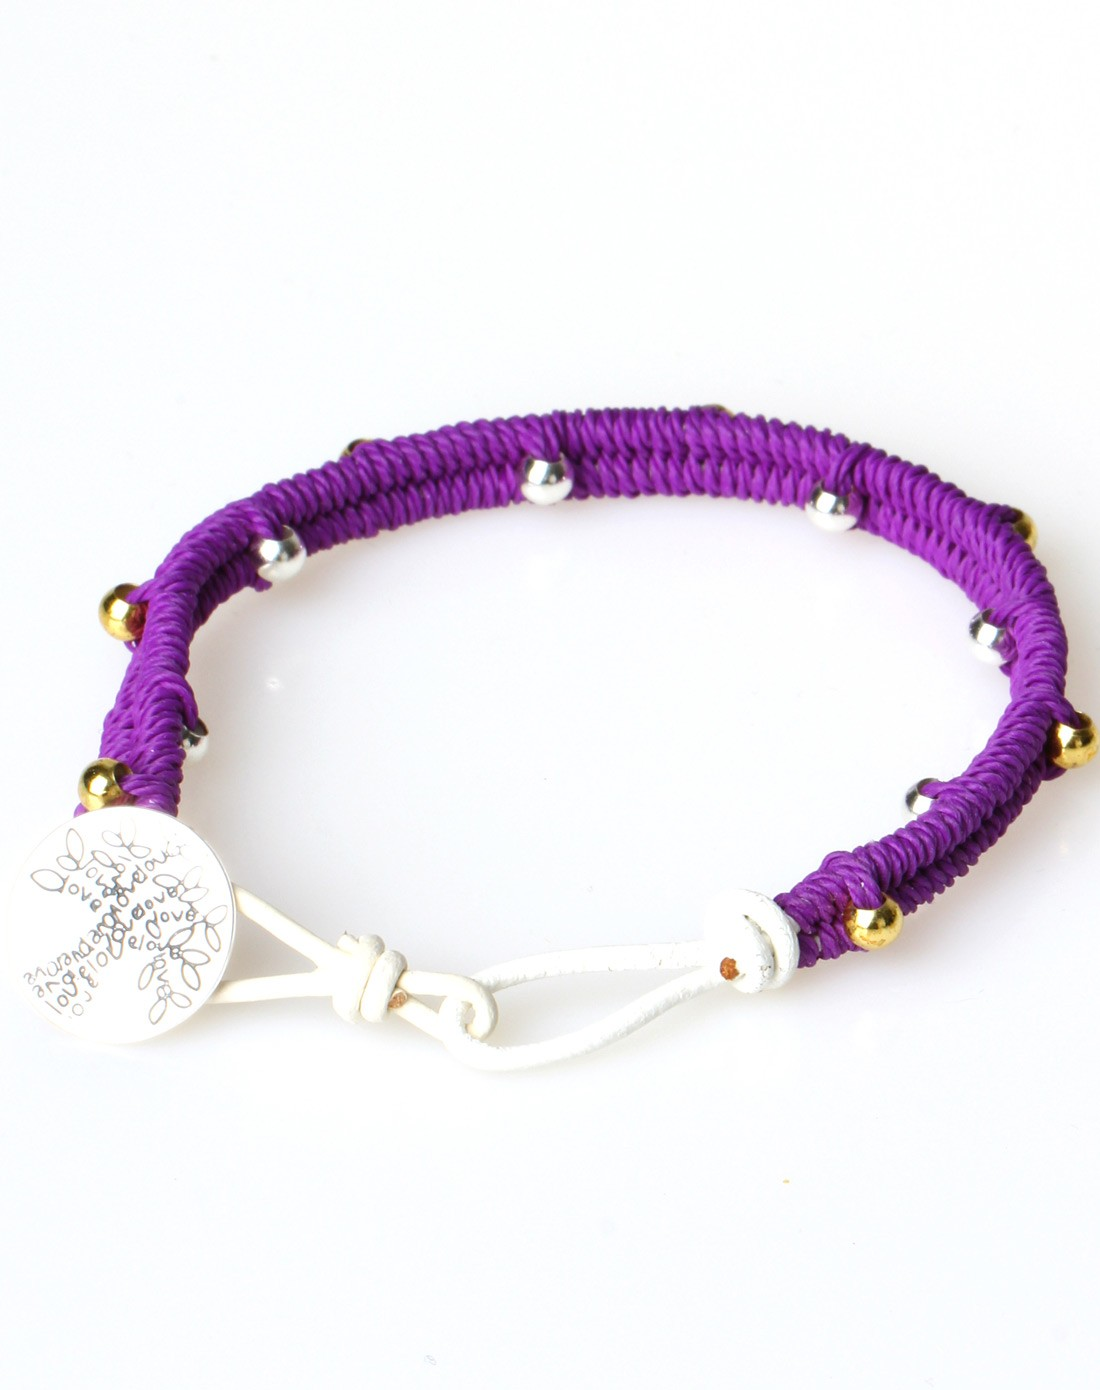 女款金银铜珠紫色手工编制手链